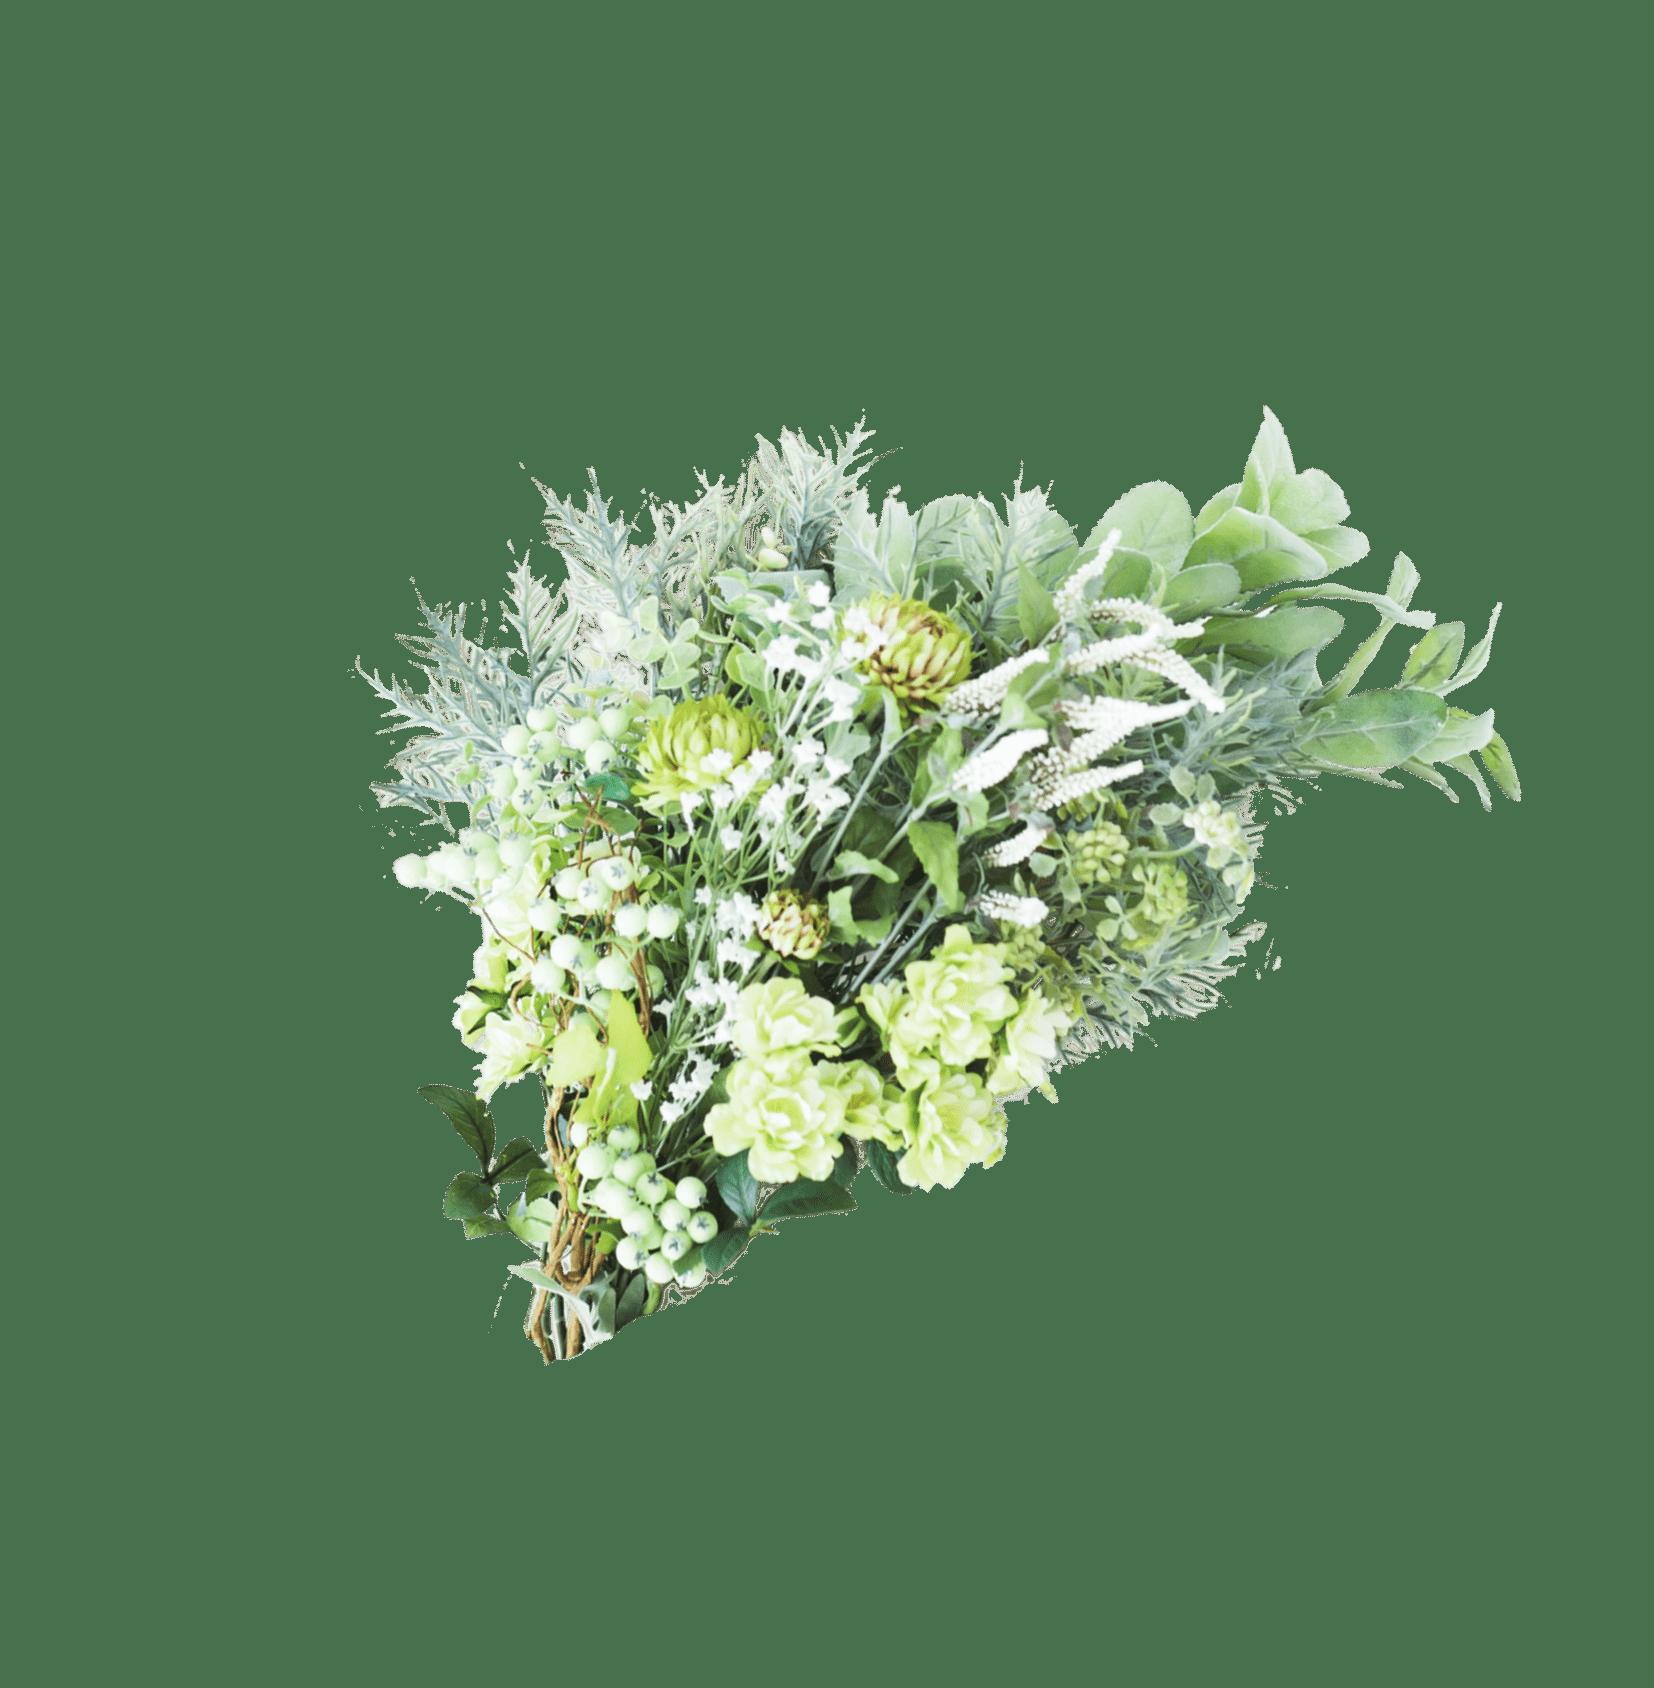 花や木の実の写真